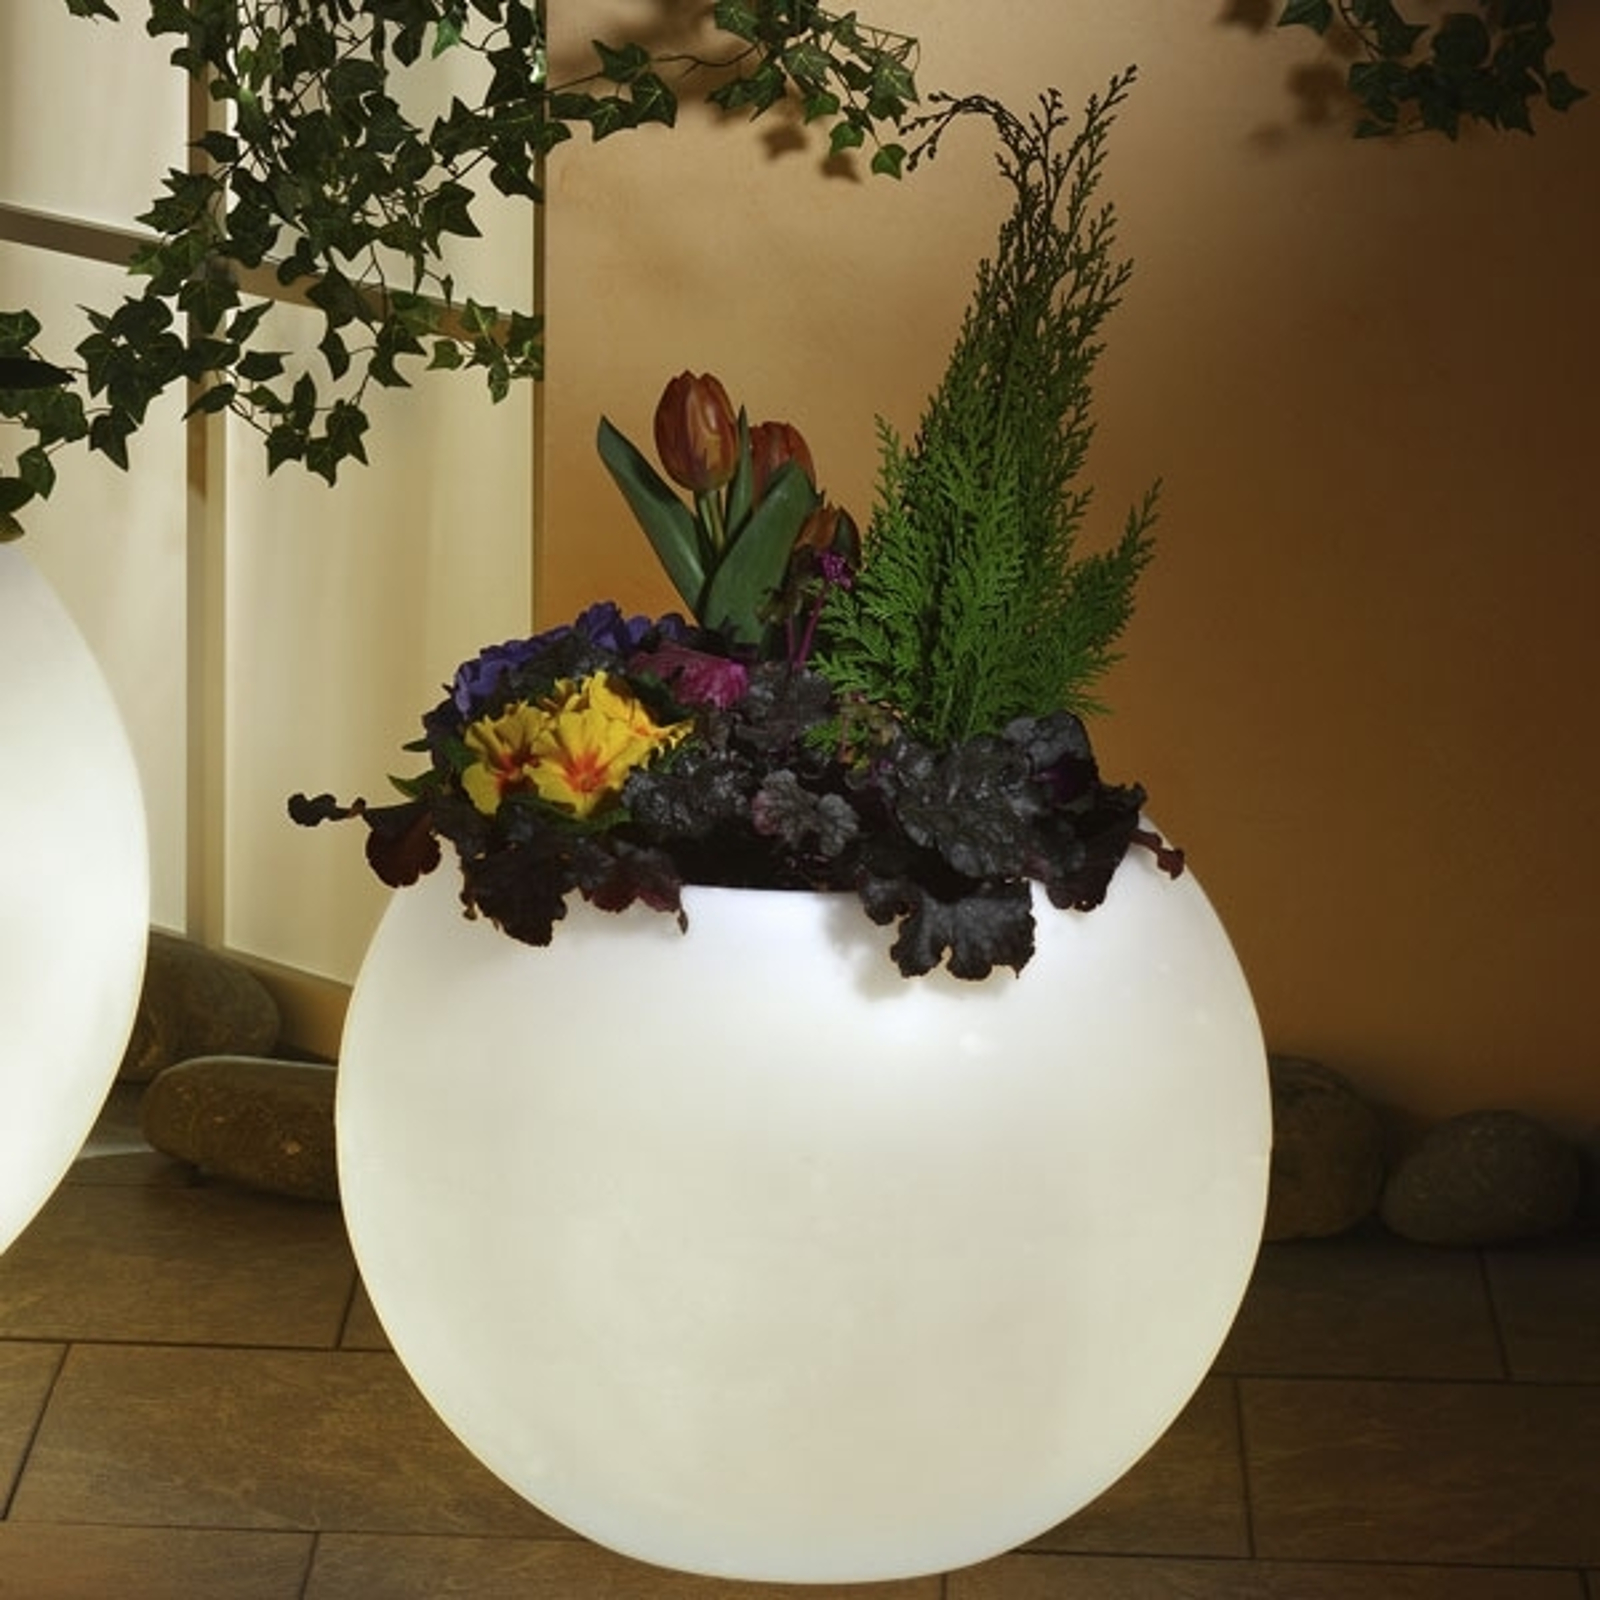 Svietiaci kvetináč, najvyššia kvalita, biela_3050006_1